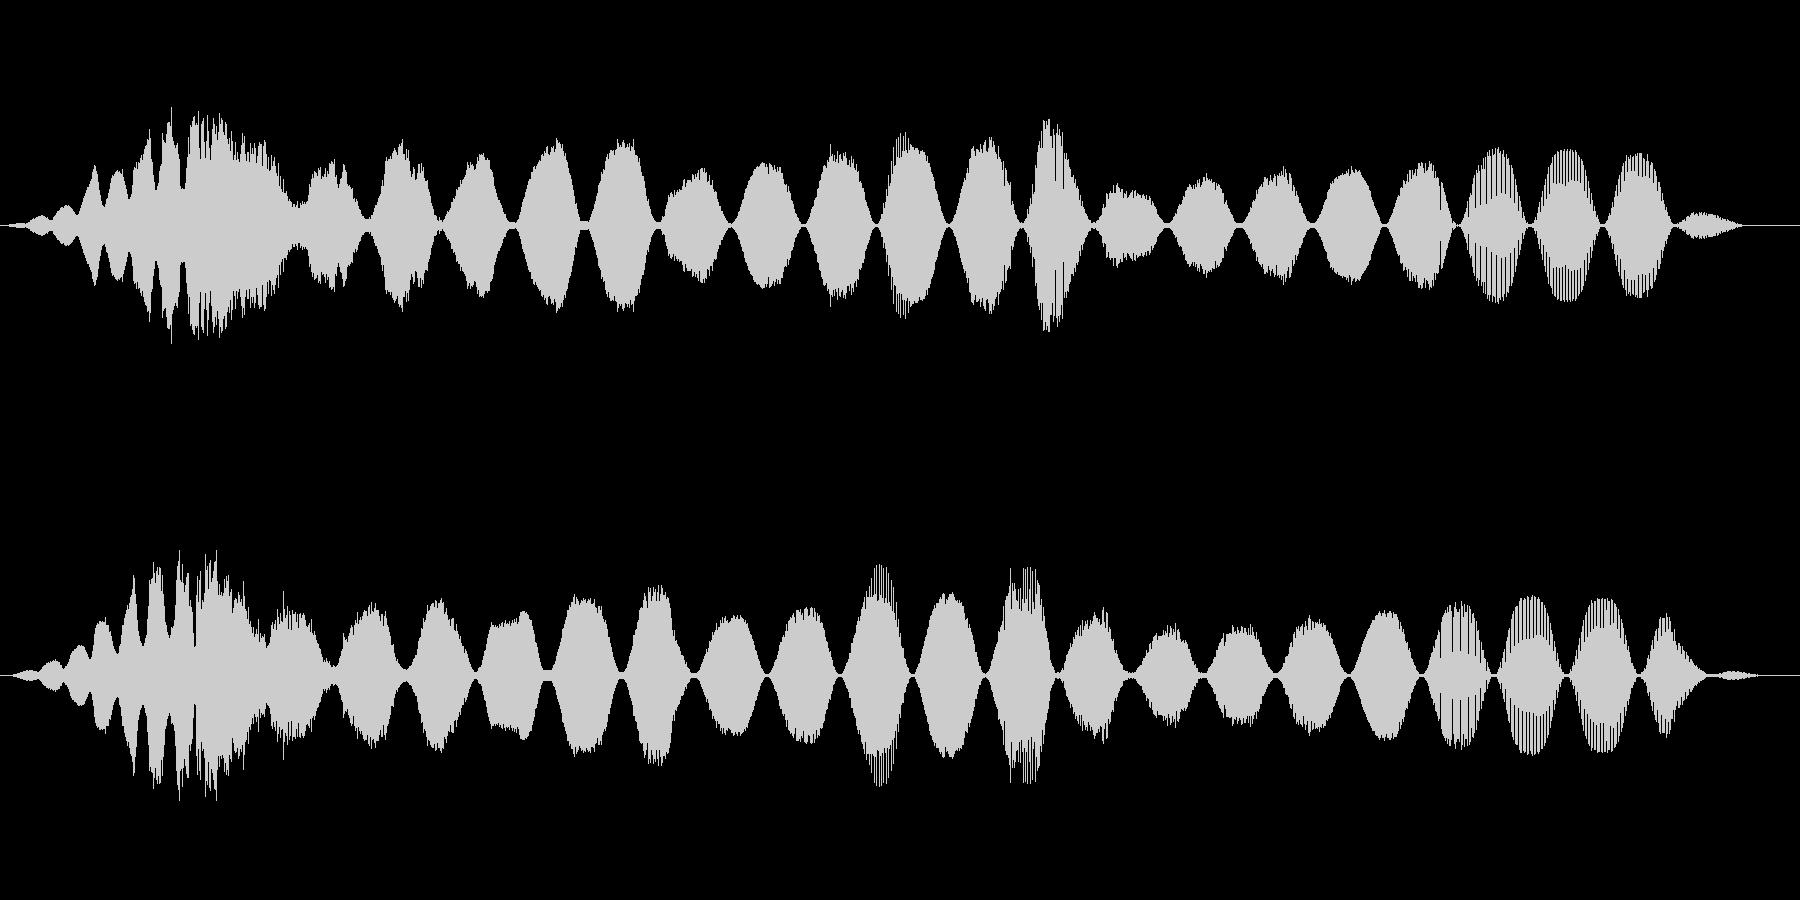 スペースレースの解消の解決の未再生の波形